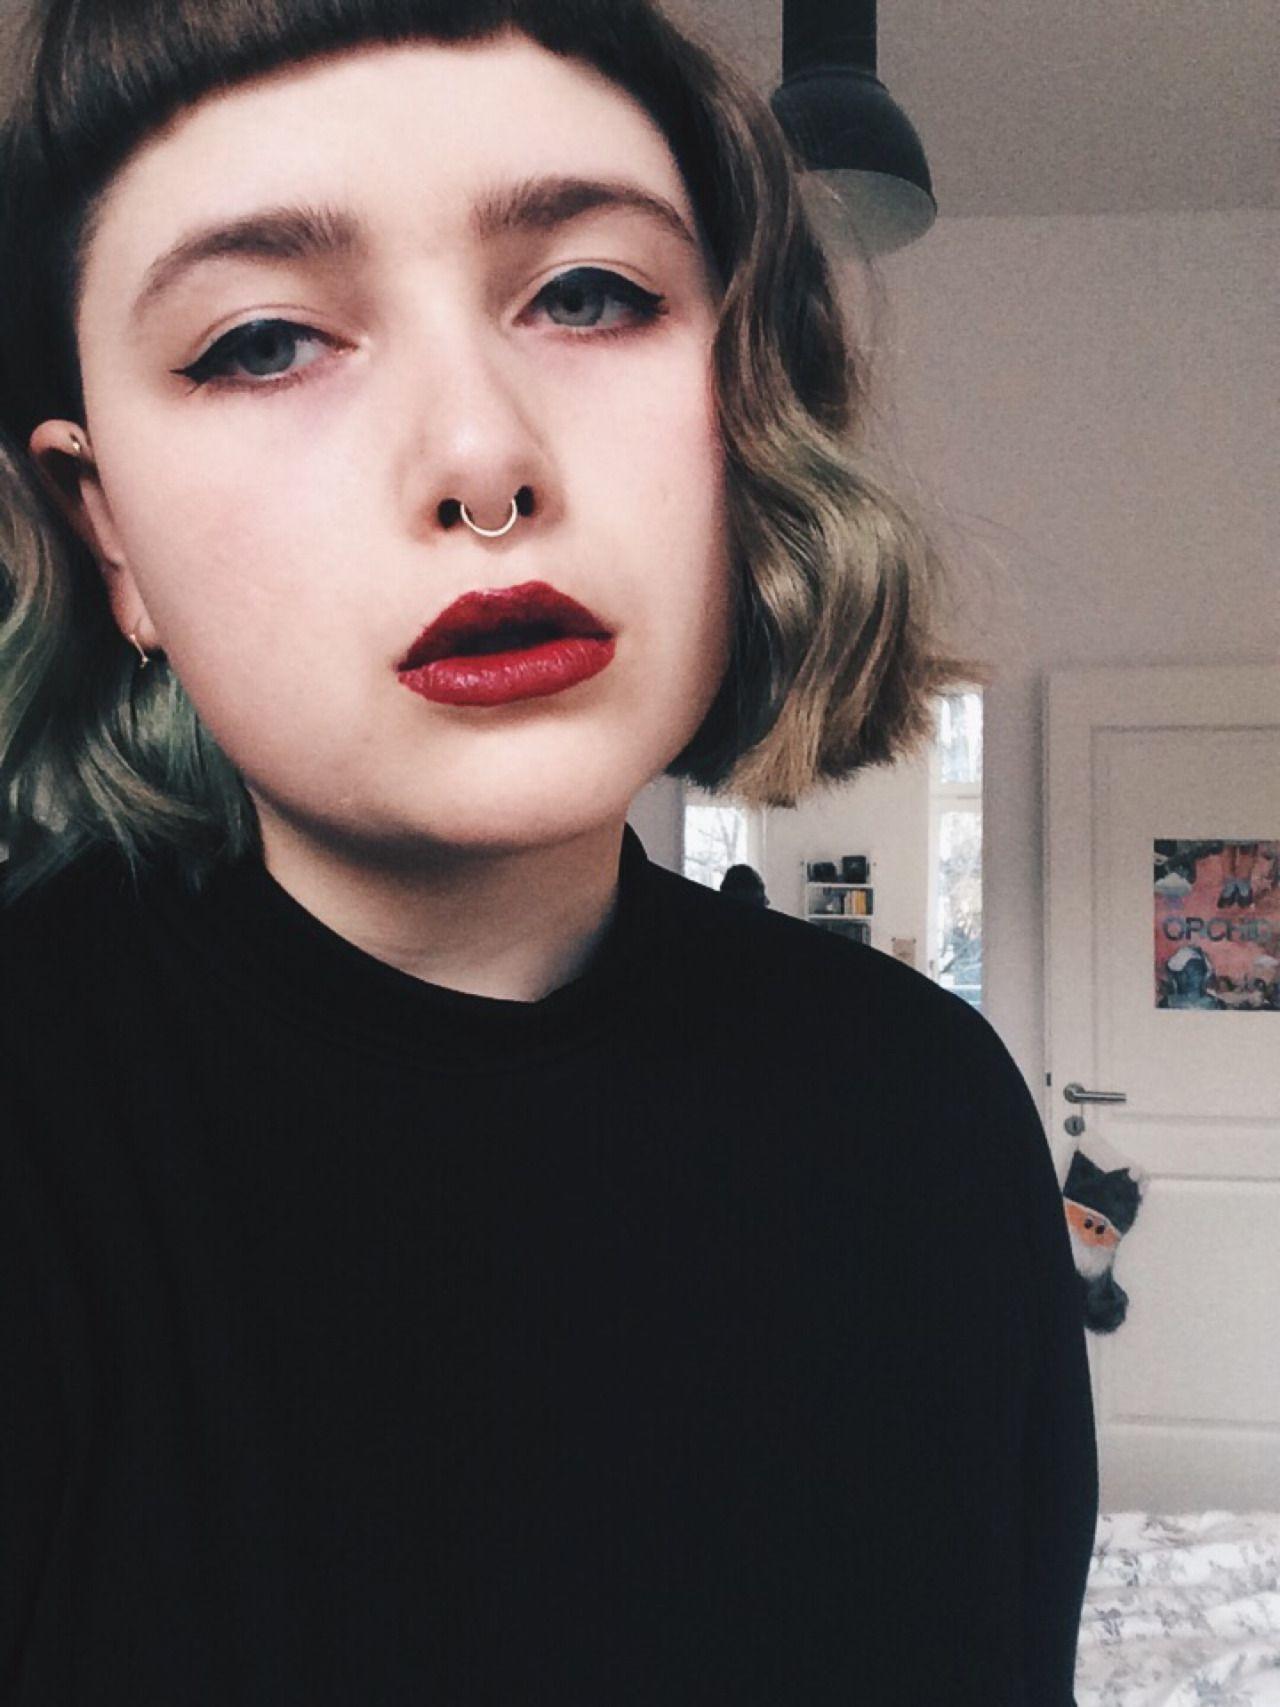 Pin By Chloe Gore On Hair Hair Feminism Pretty